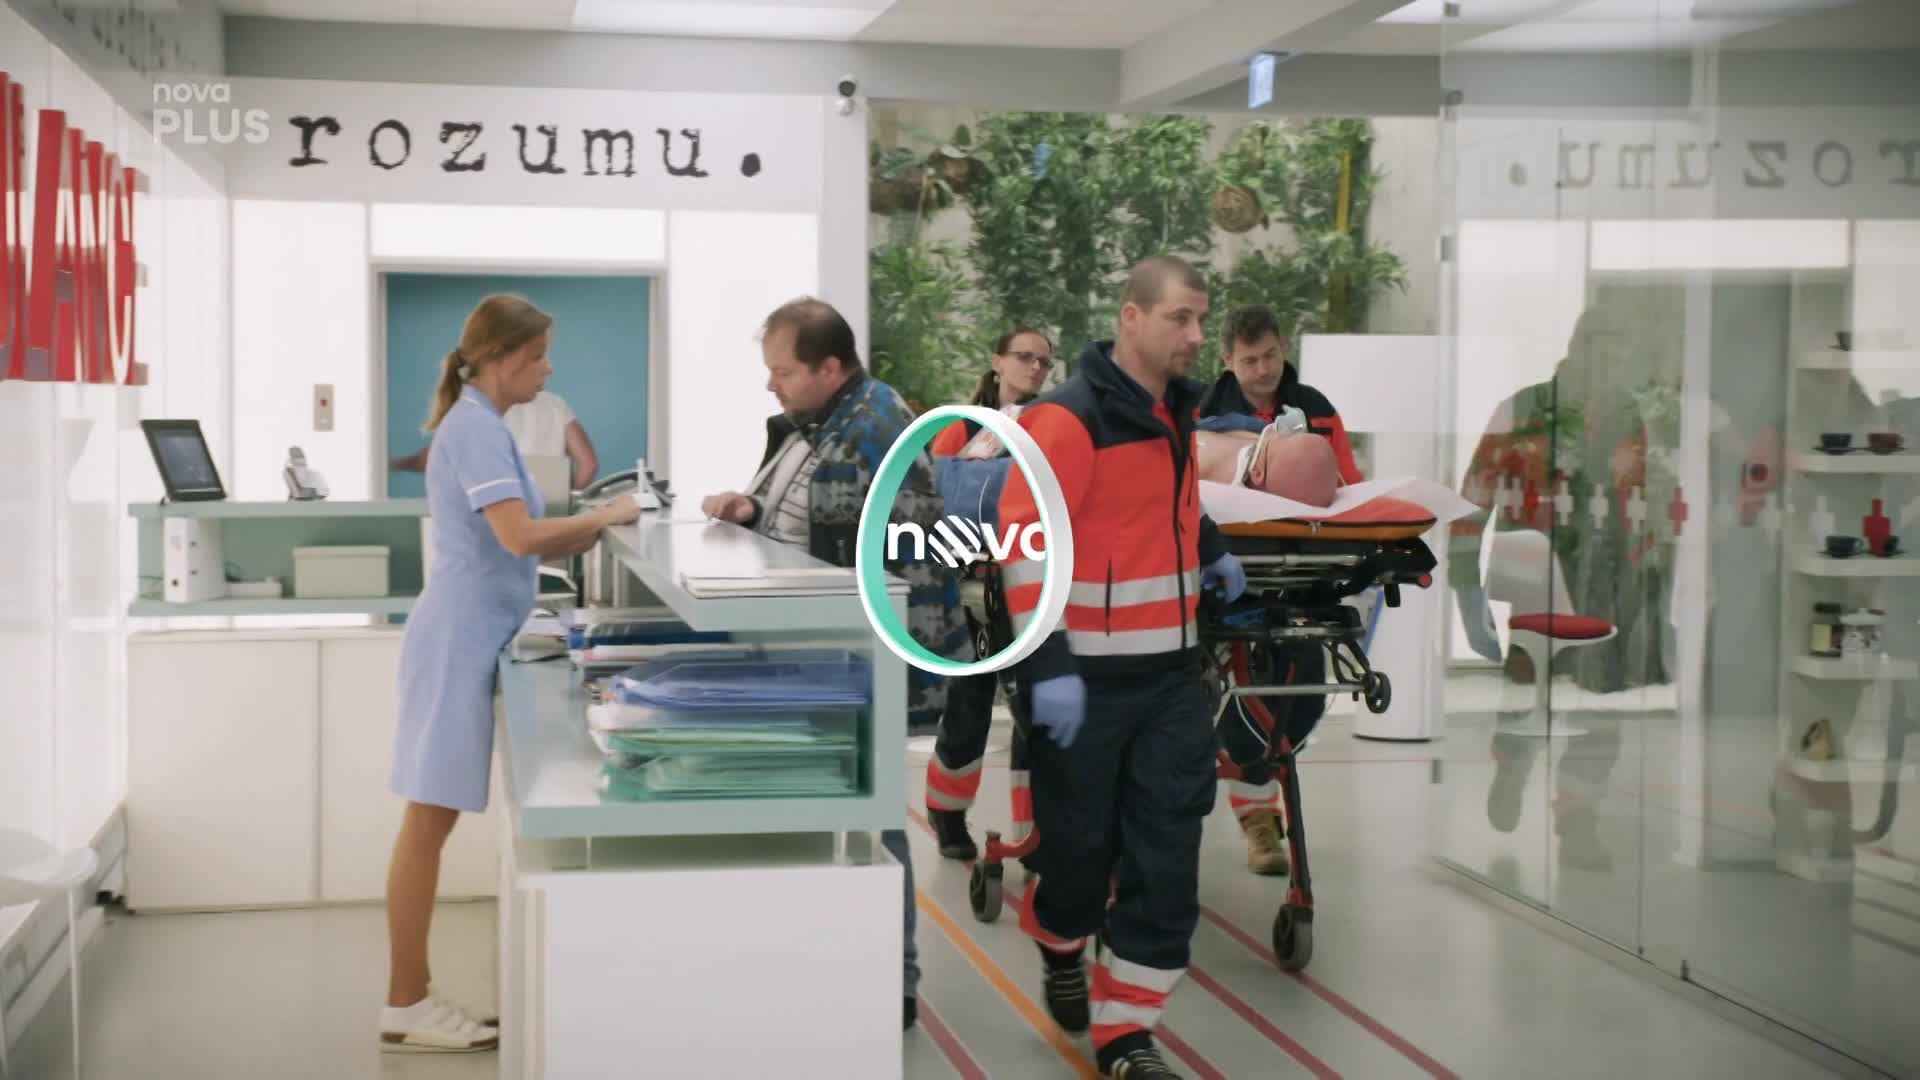 Intimní hrátky se ošklivě zvrhly: Hejtman Švarc musel do nemocnice úplně nahý